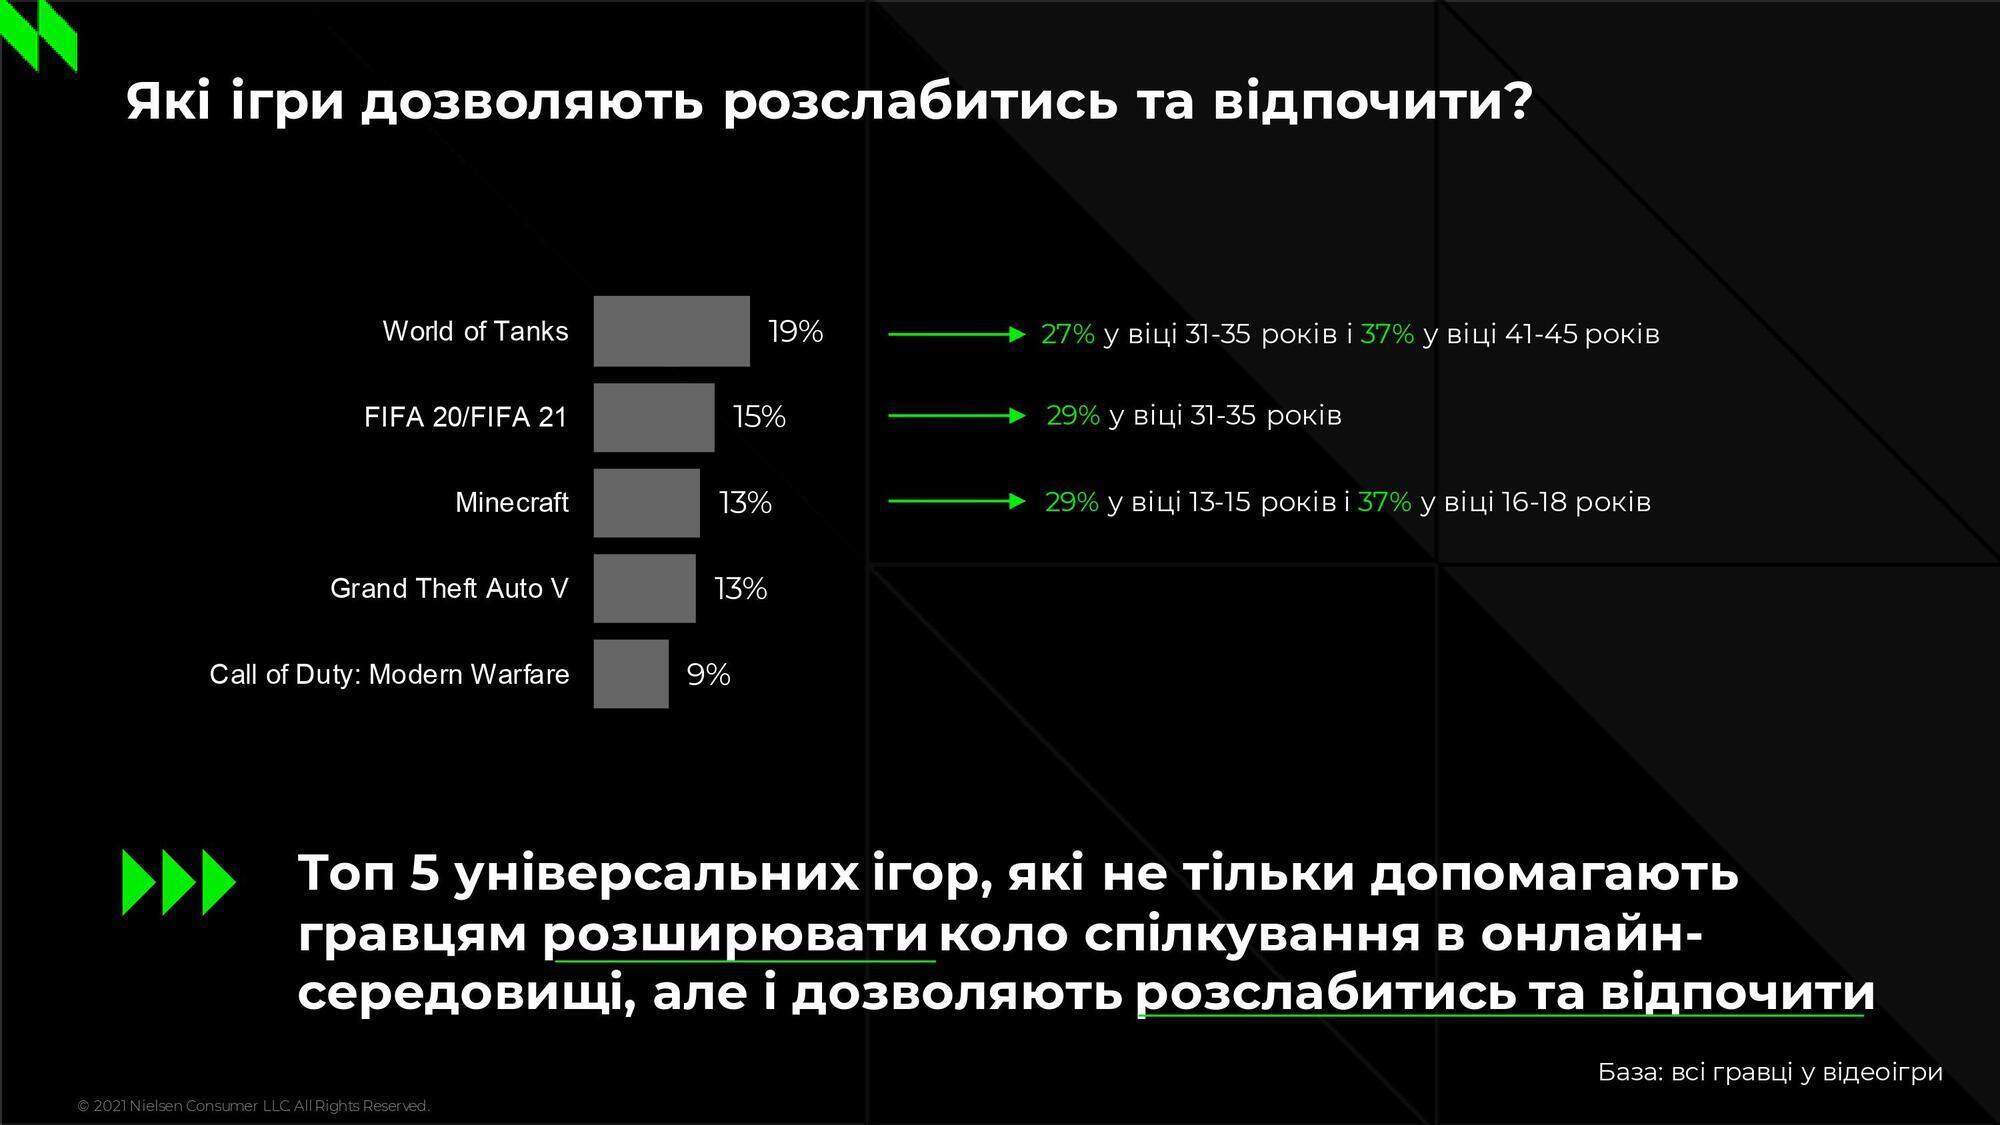 """З метою відпочинку """"танки"""" особливо популярні у дорослих геймерів у віці від 41 до 45 років"""